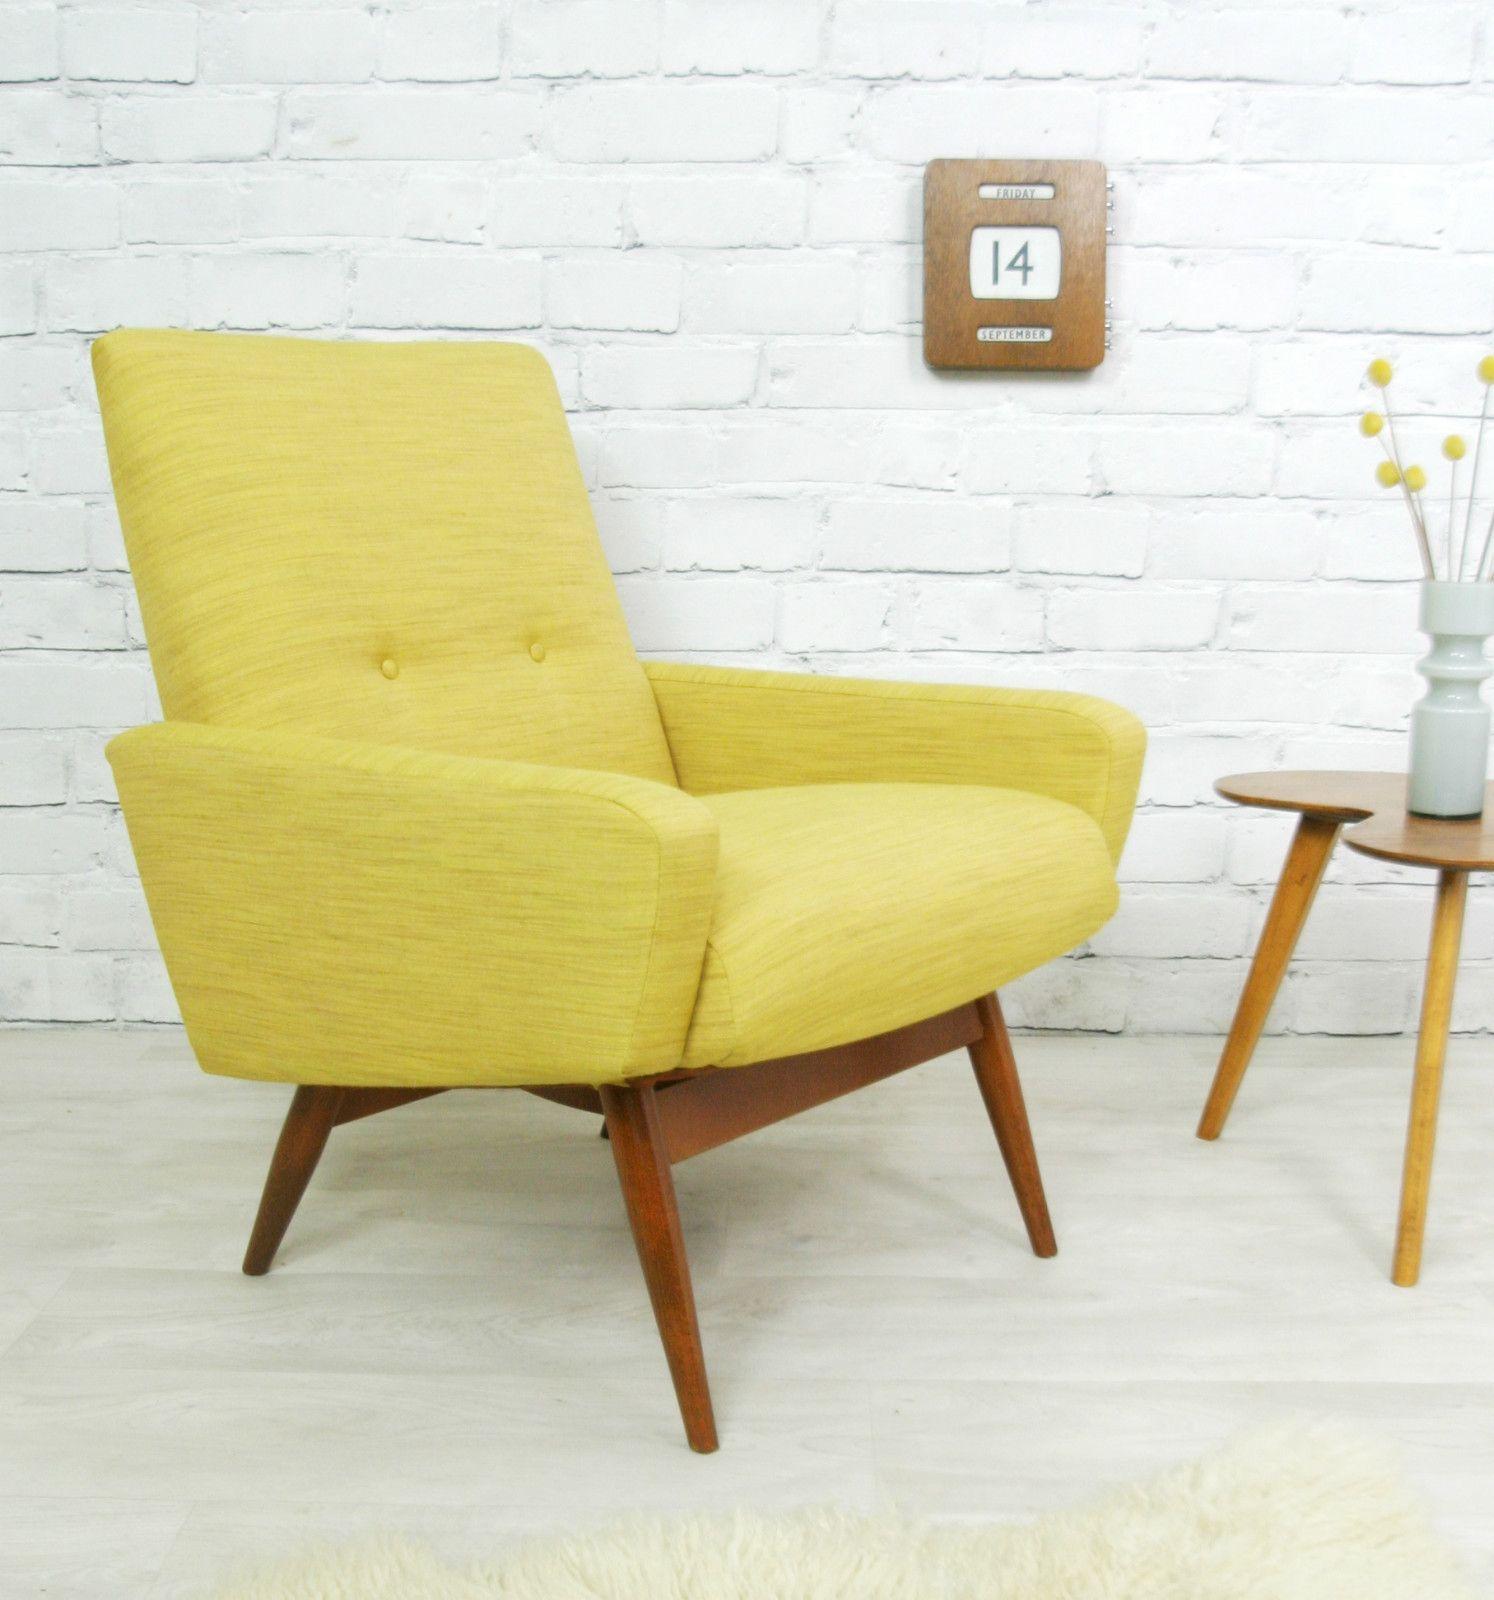 Parker Knoll Vintage Retro Teak Mid Century Danish Style Armchair Chair 50s 60 Mid Century Chair Styles Mid Century Modern Furniture Mid 20th Century Furniture